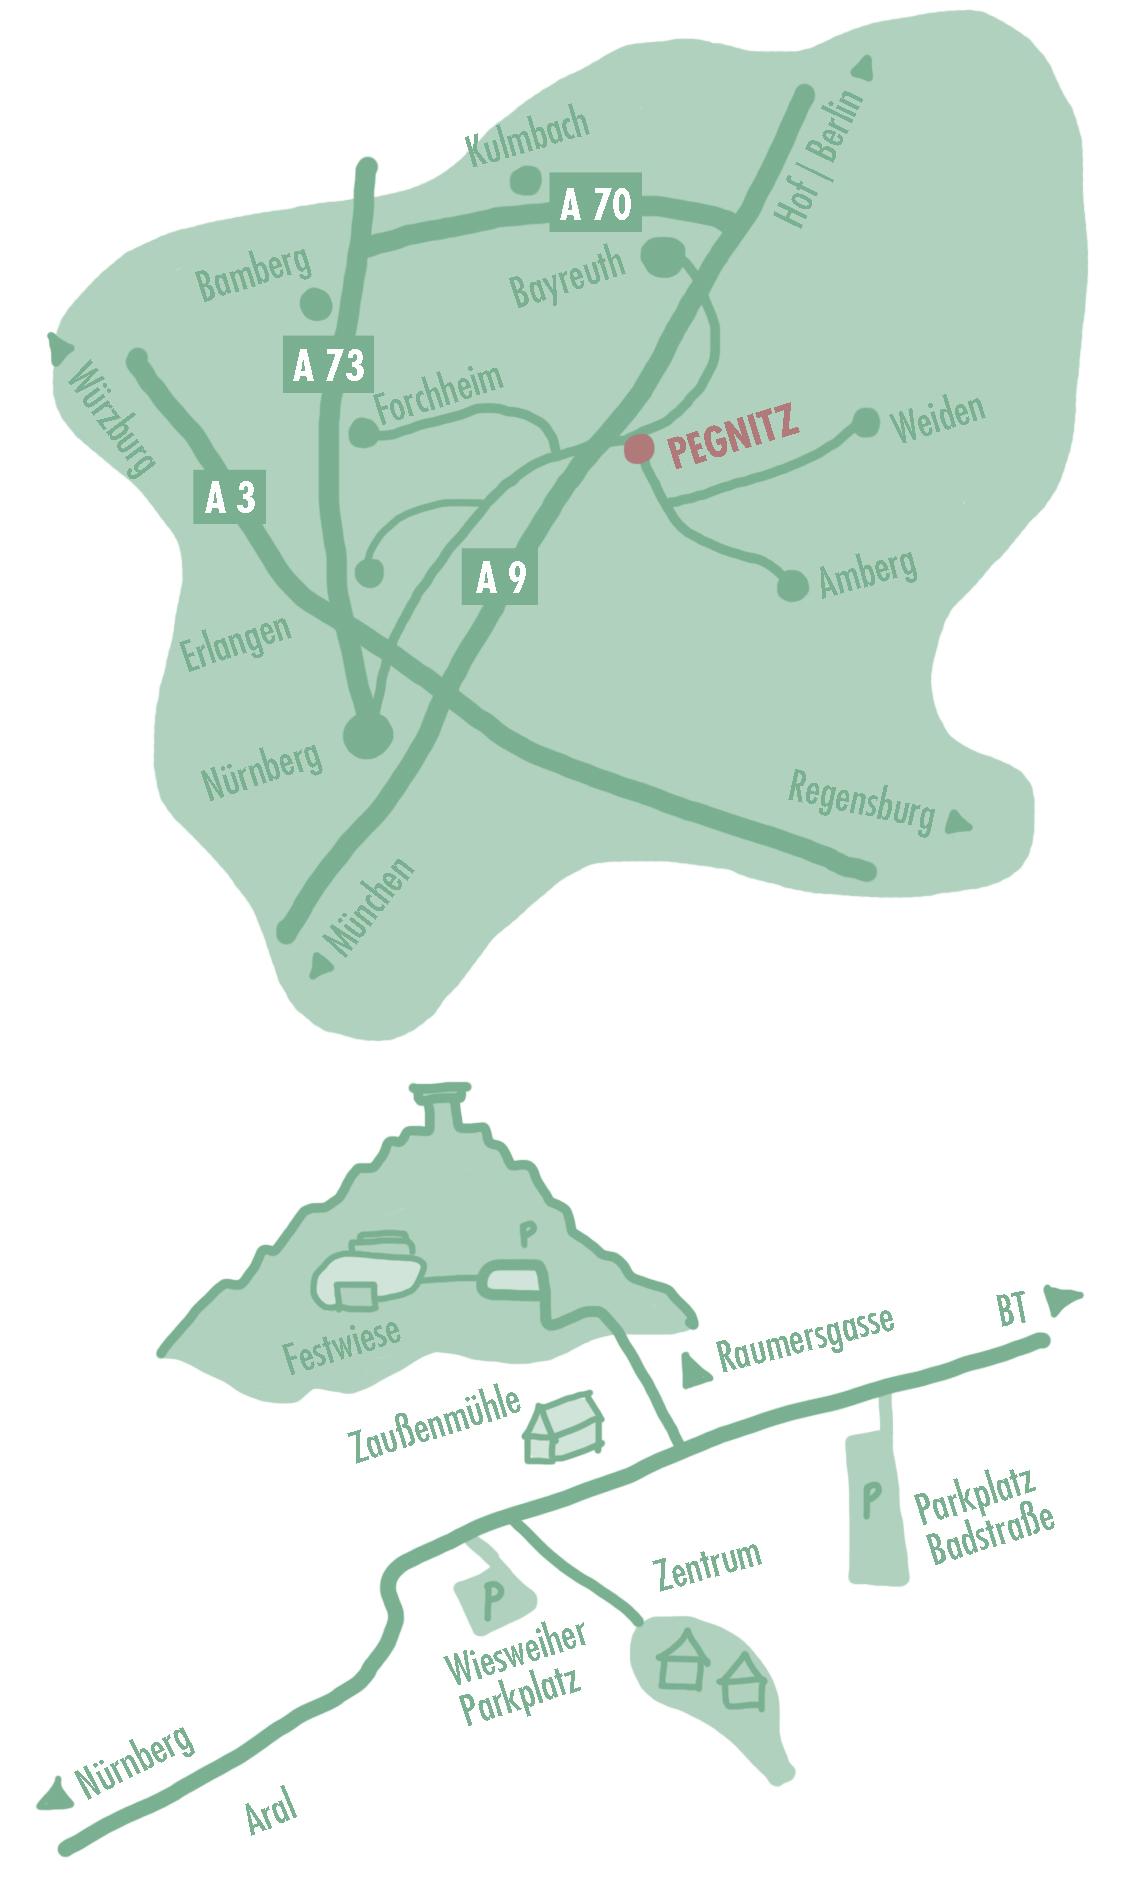 Geländeplan des Waldstock-Festivals am Schloßberg